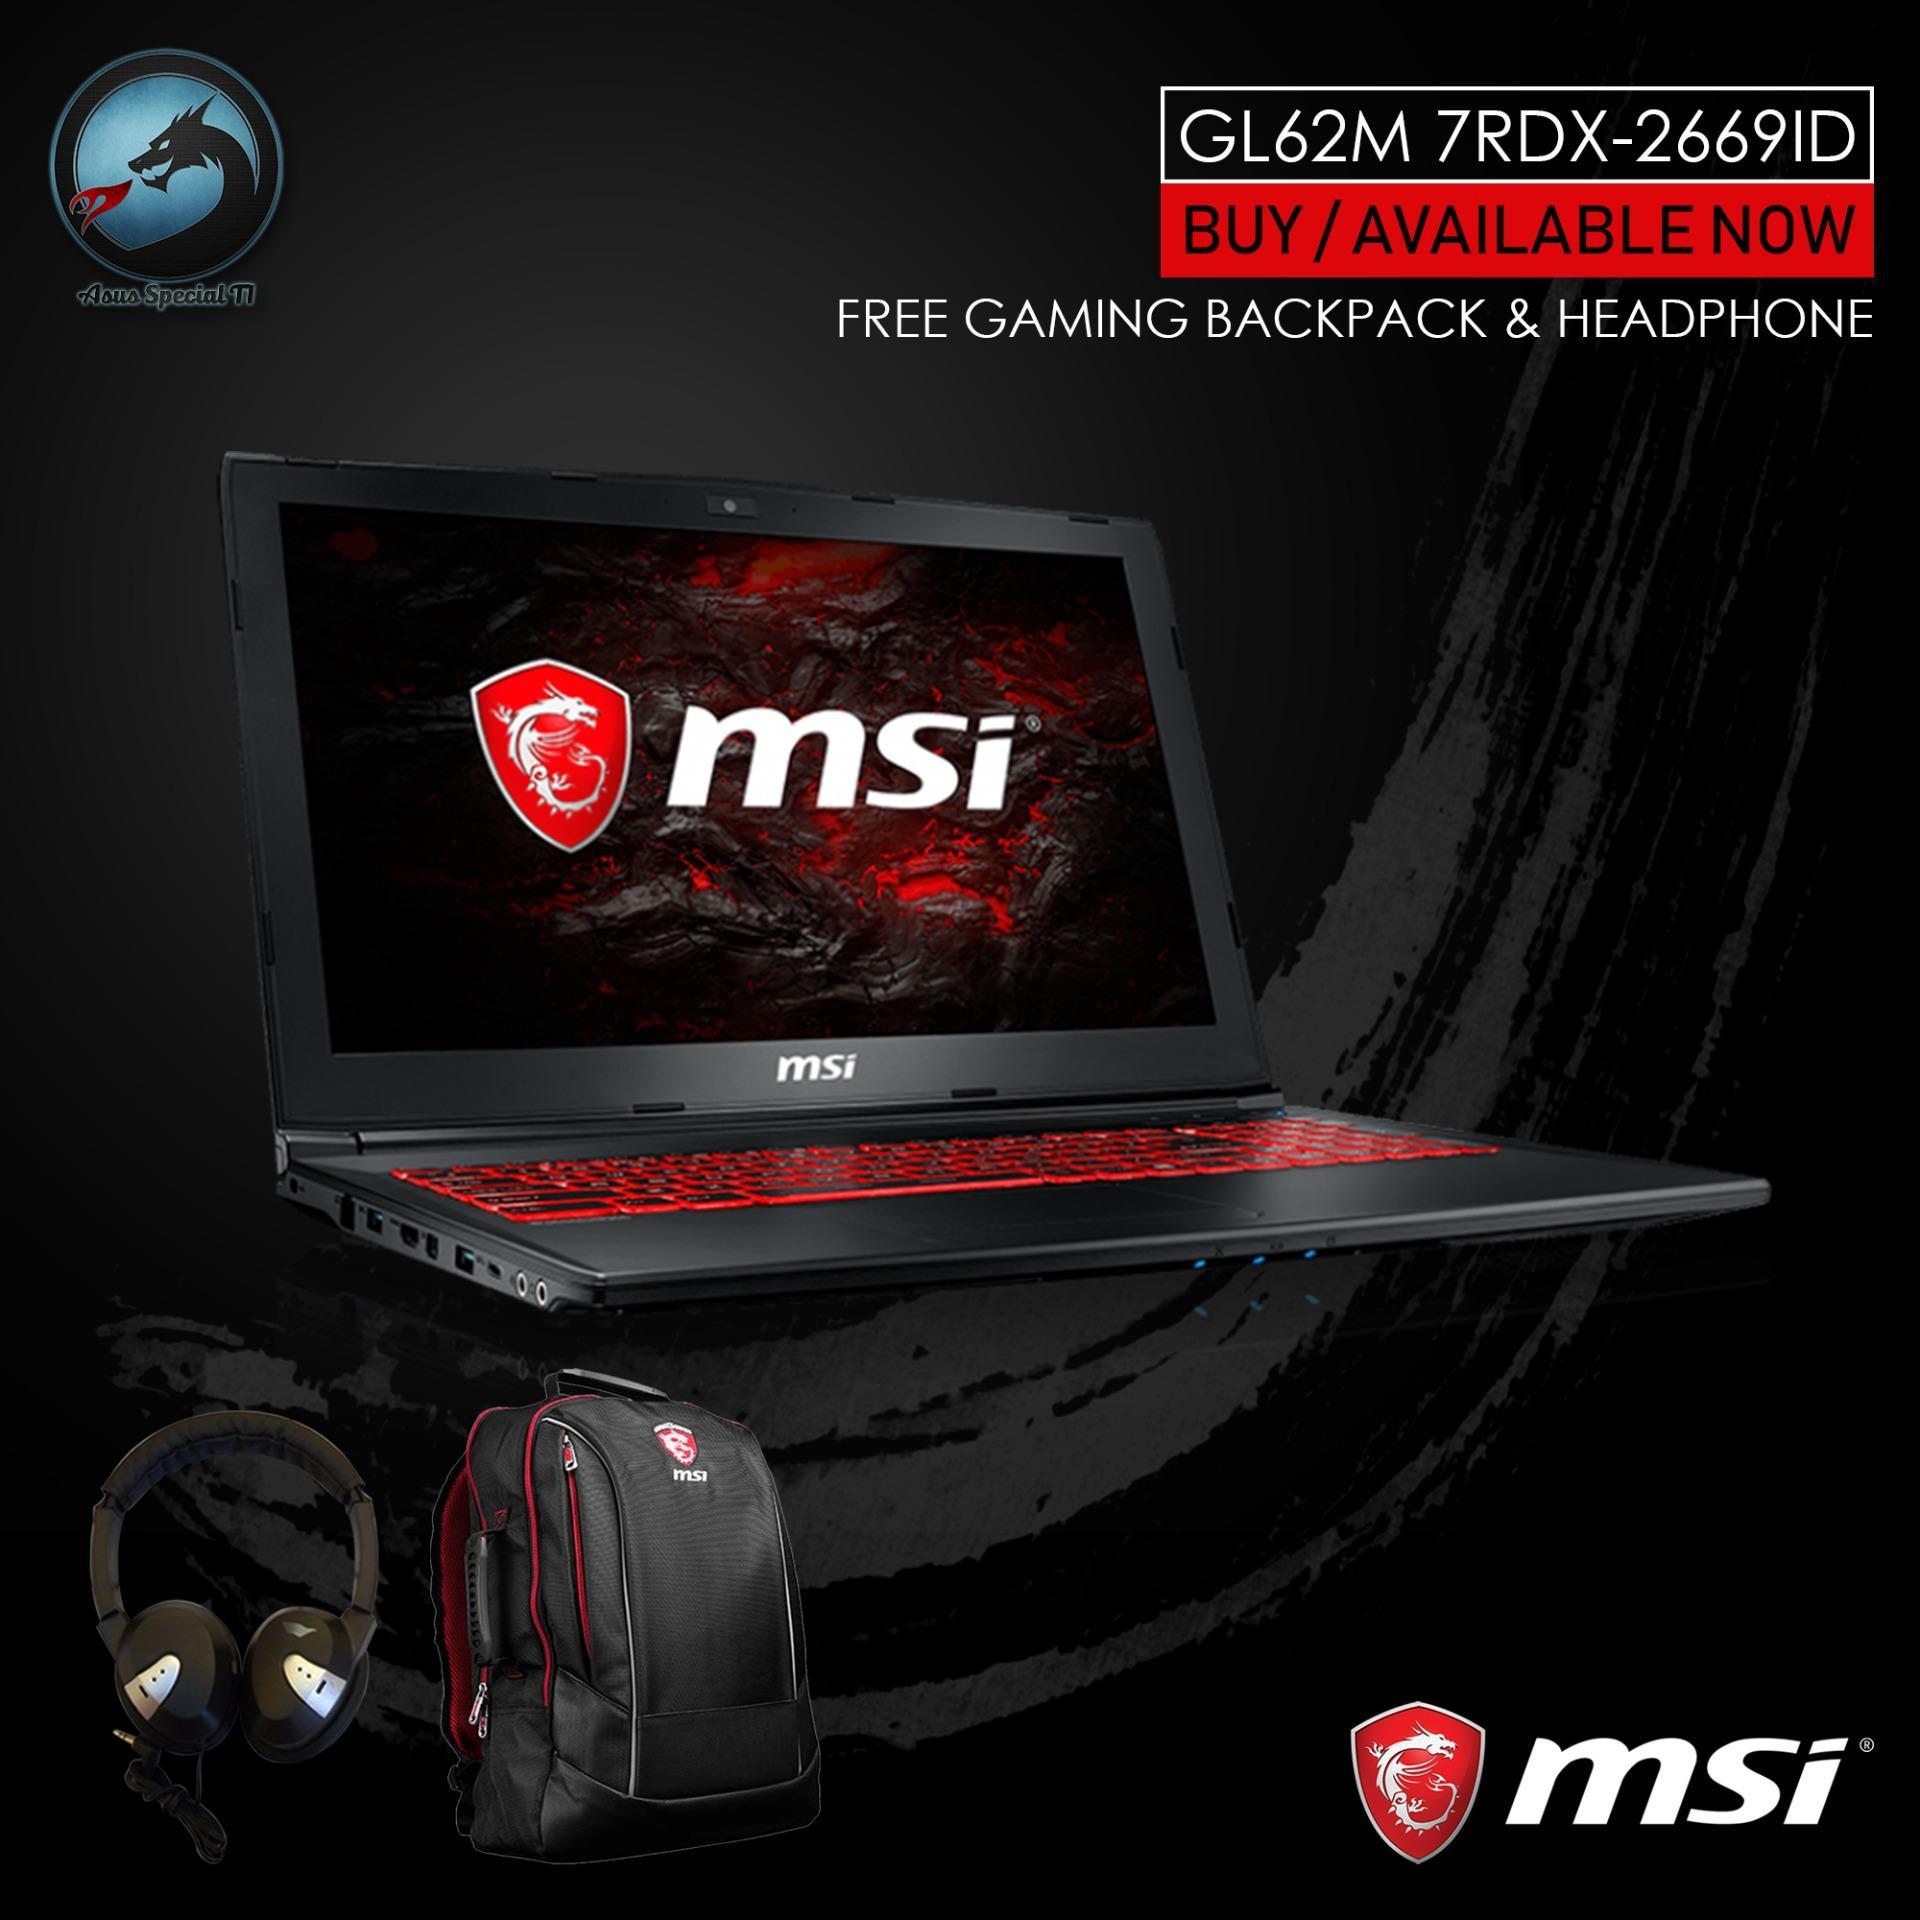 MSI GL62M 7RDX-2669ID 15.6